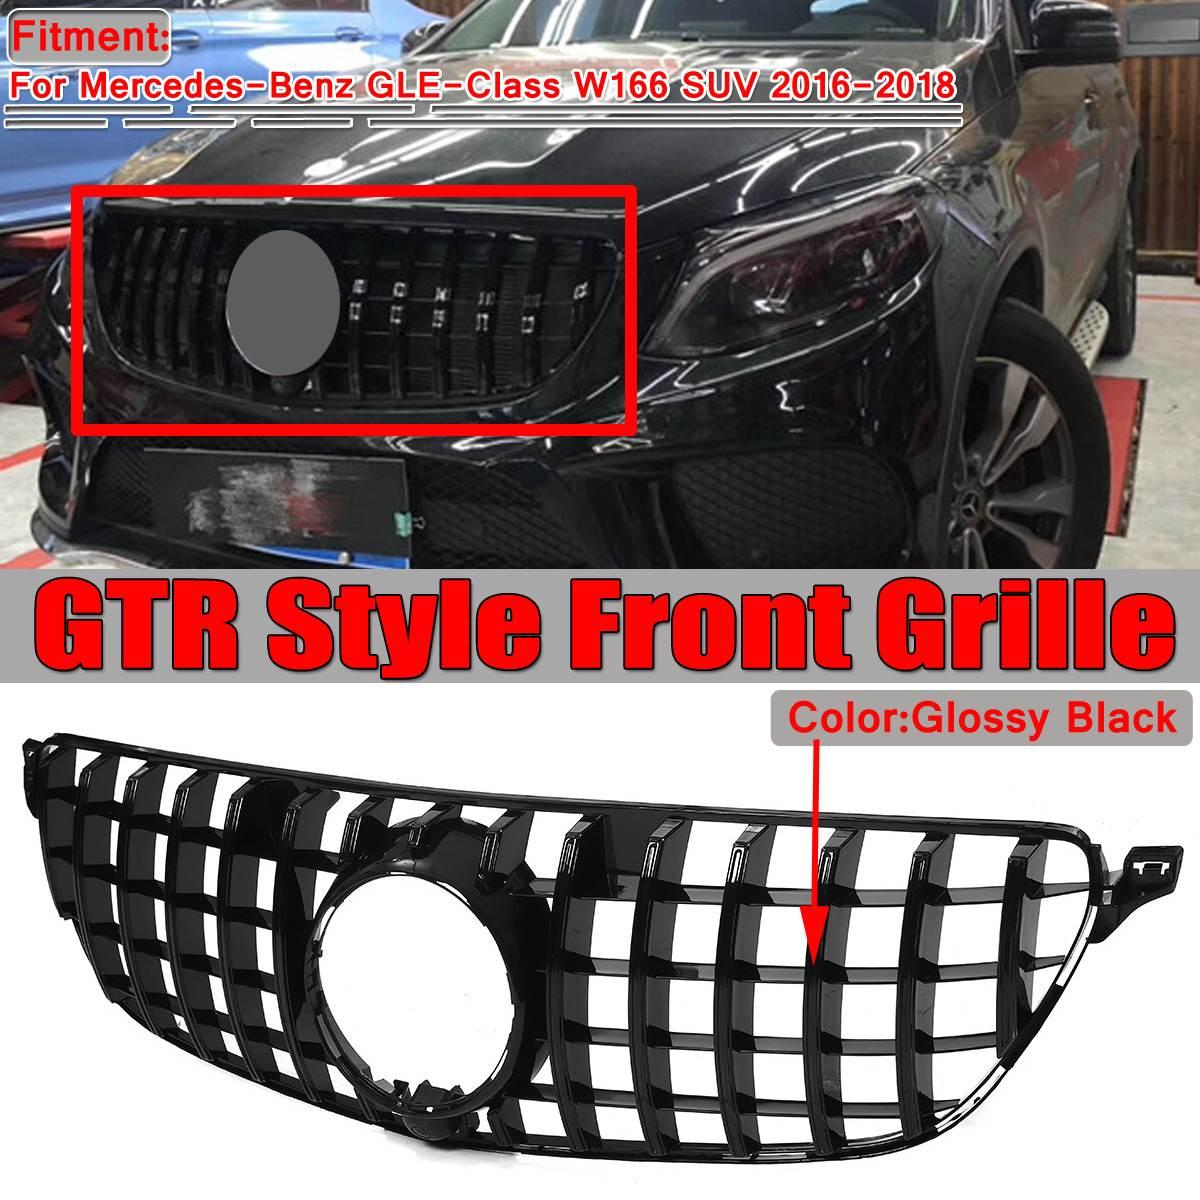 1x Grille de calandre avant de voiture GTR GT R W166 pour Mercedes pour Benz classe GLE W166 SUV 2016 2017 2018 Grills de course noir/Chrome